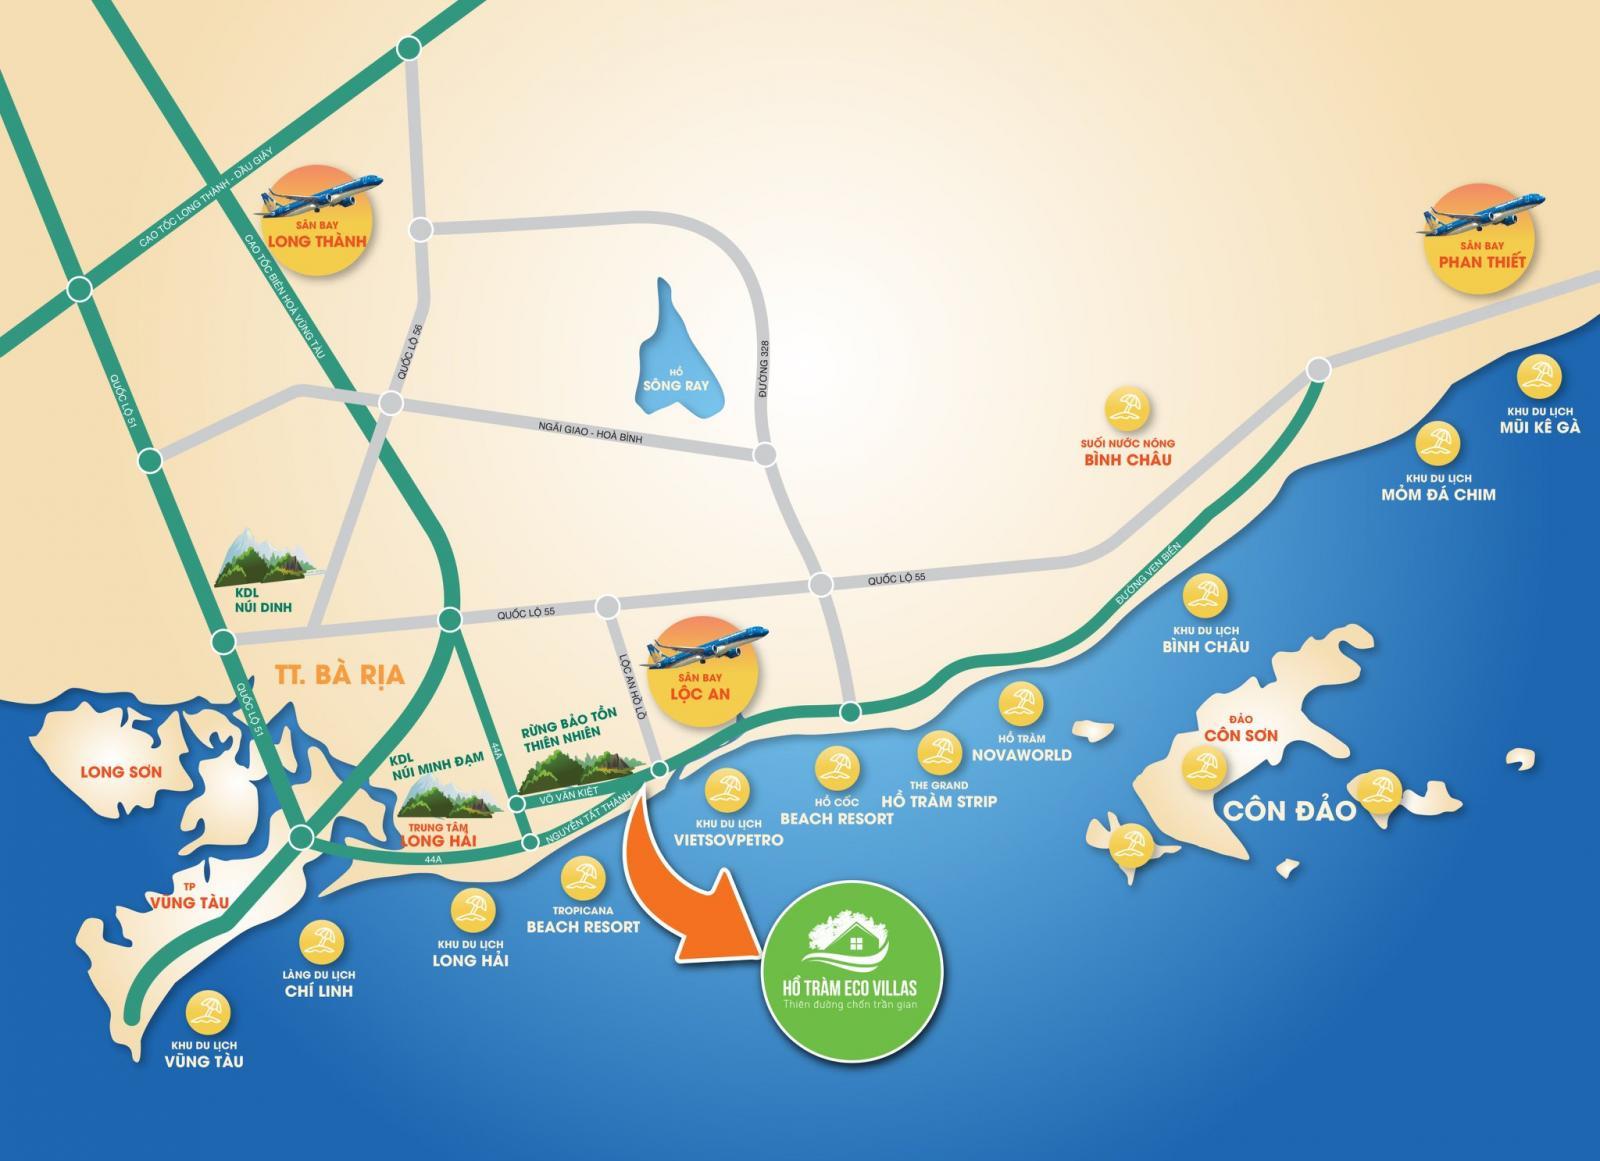 Vị trí dự án Hồ Tràm Eco Villas